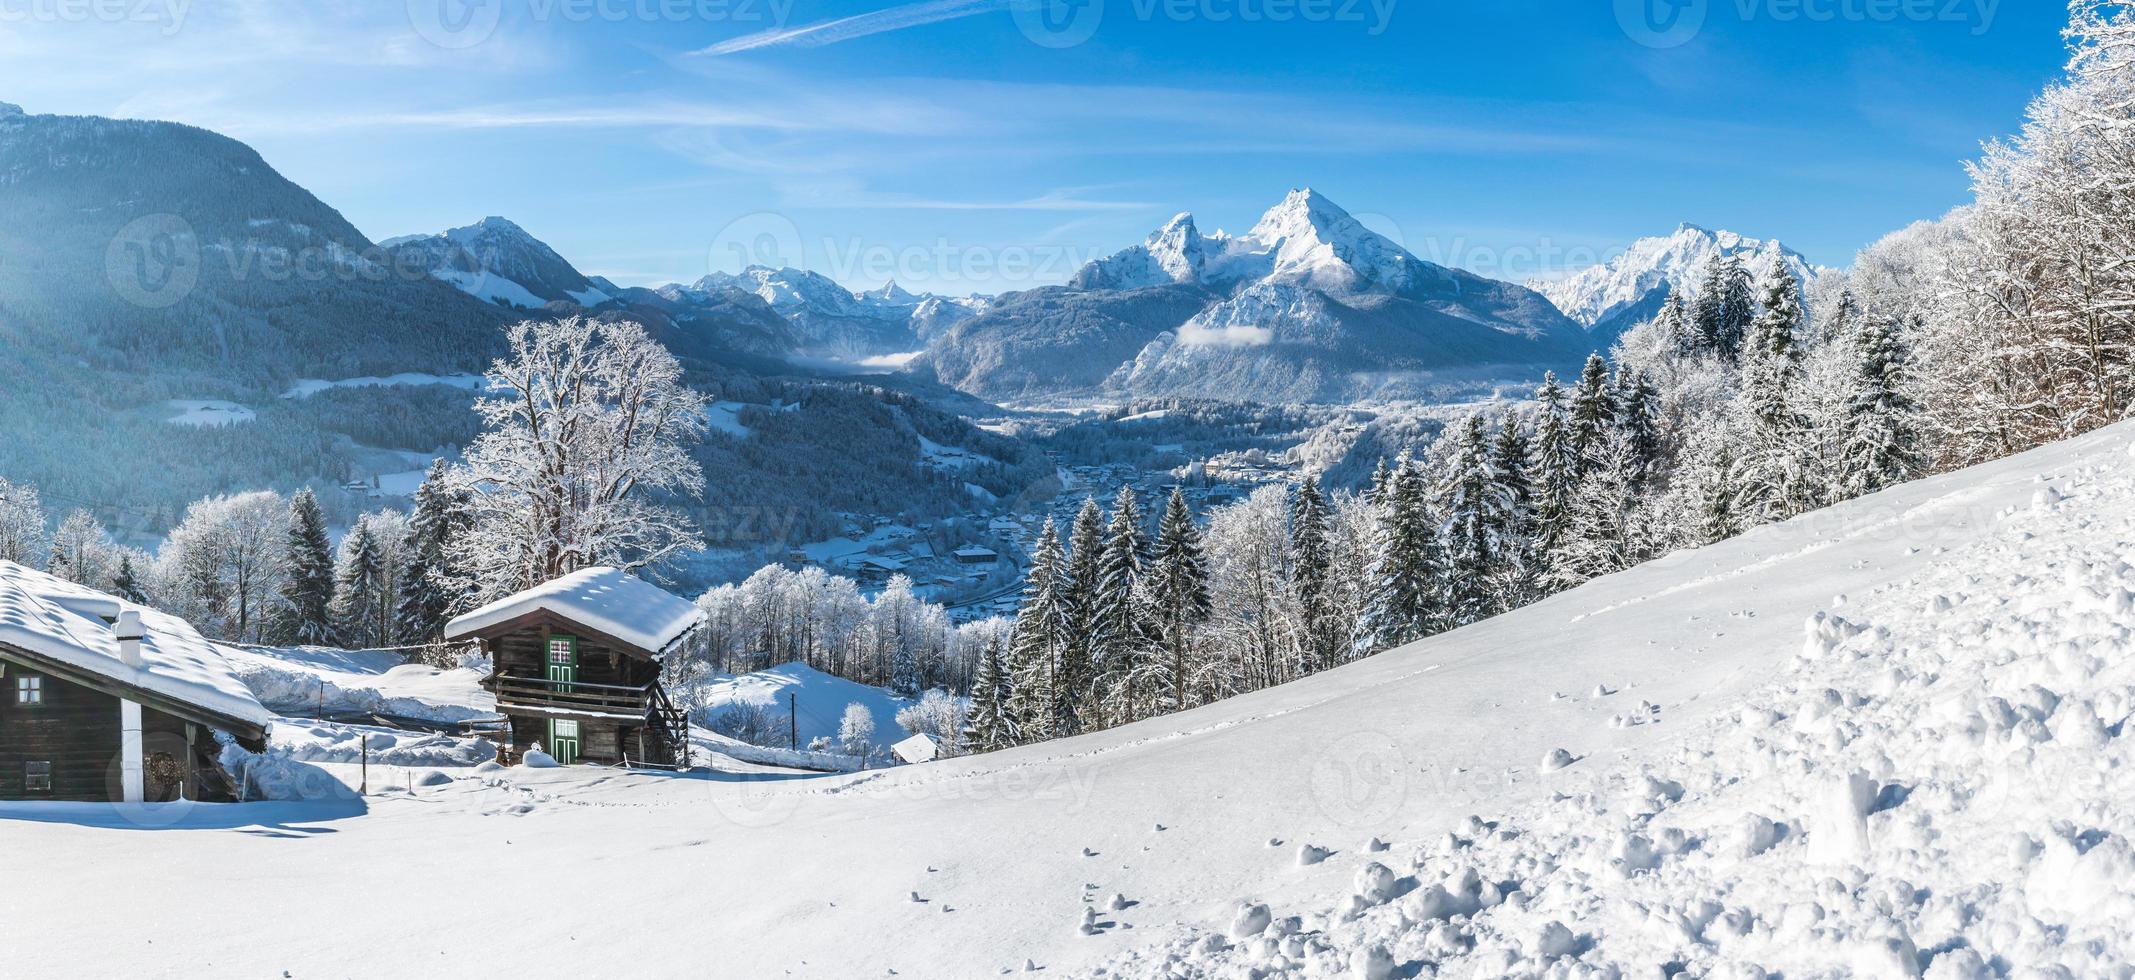 idyllisch landschap in de Beierse Alpen, Berchtesgaden, Duitsland foto